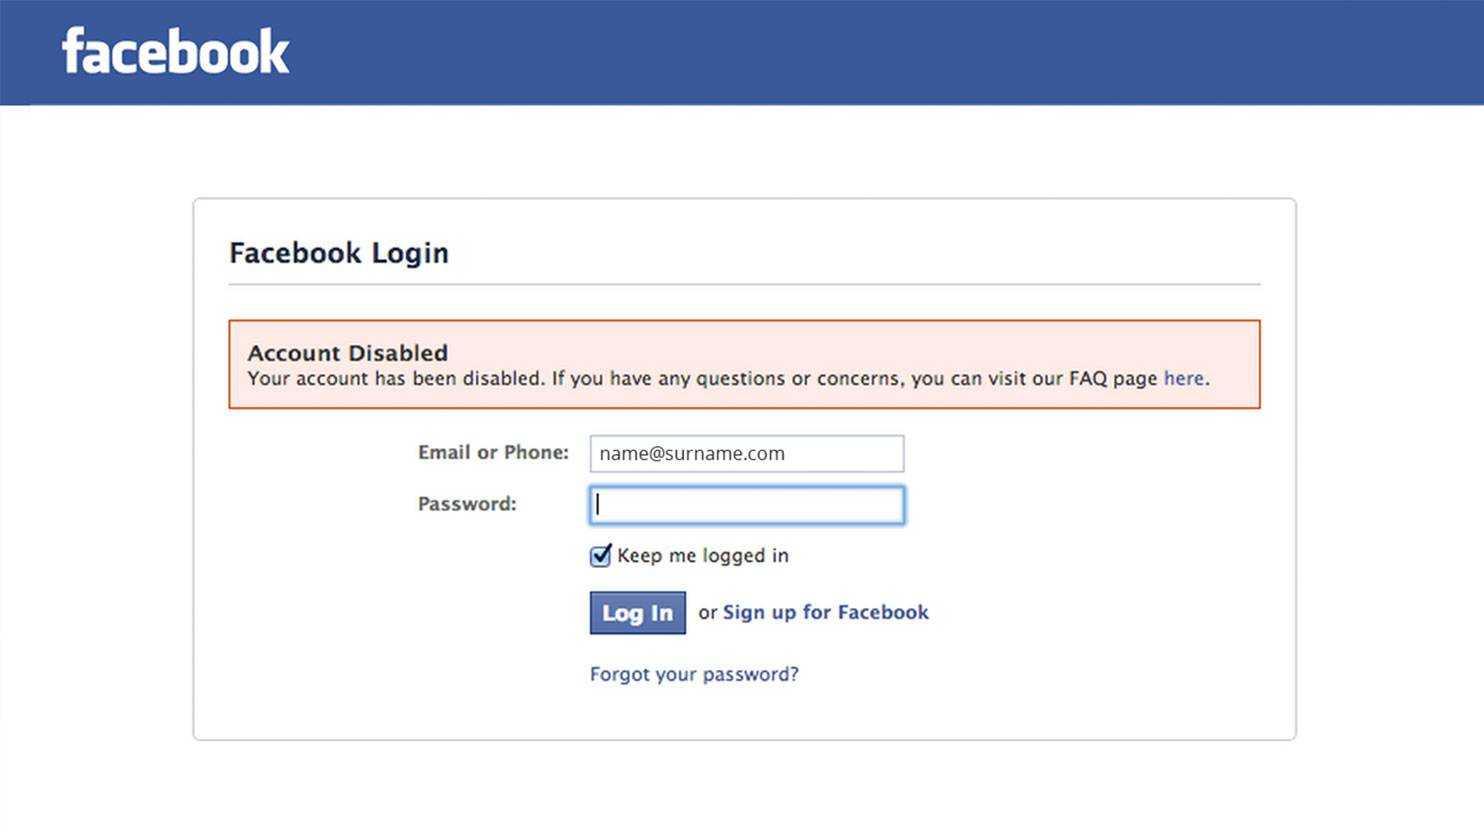 صفحه ورود به فیسبوک